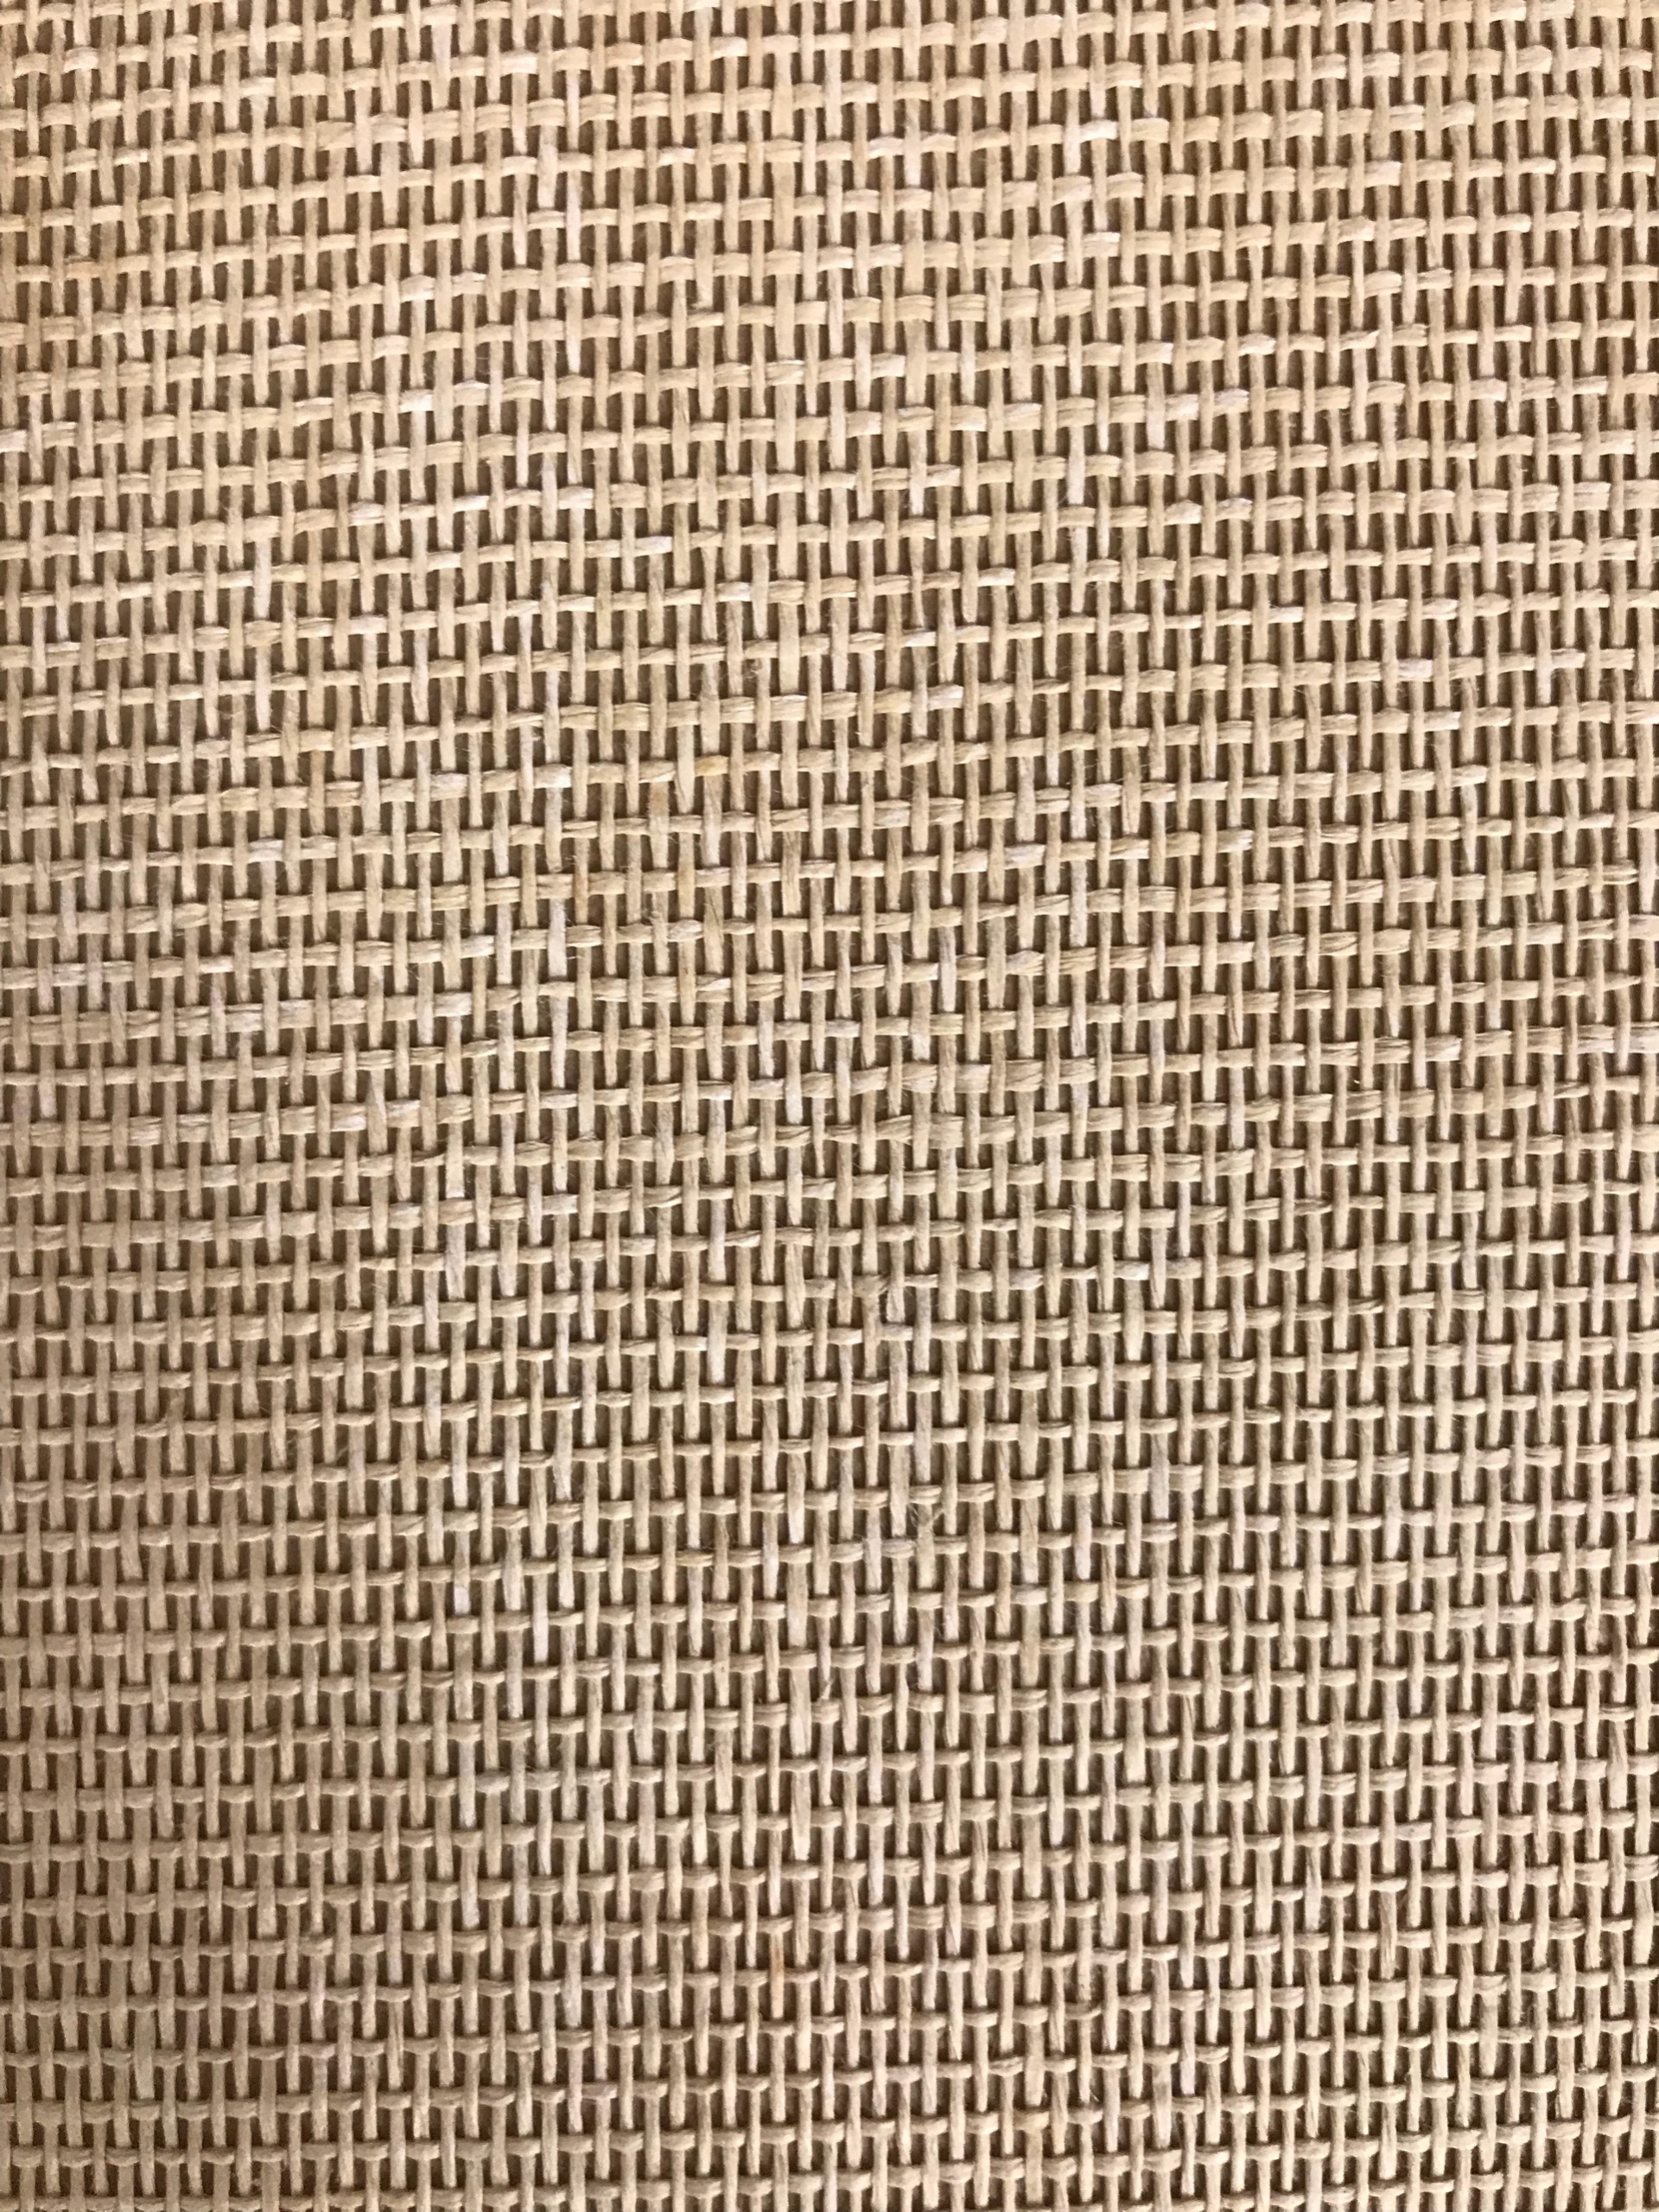 BB Natural Wallpaper (14)